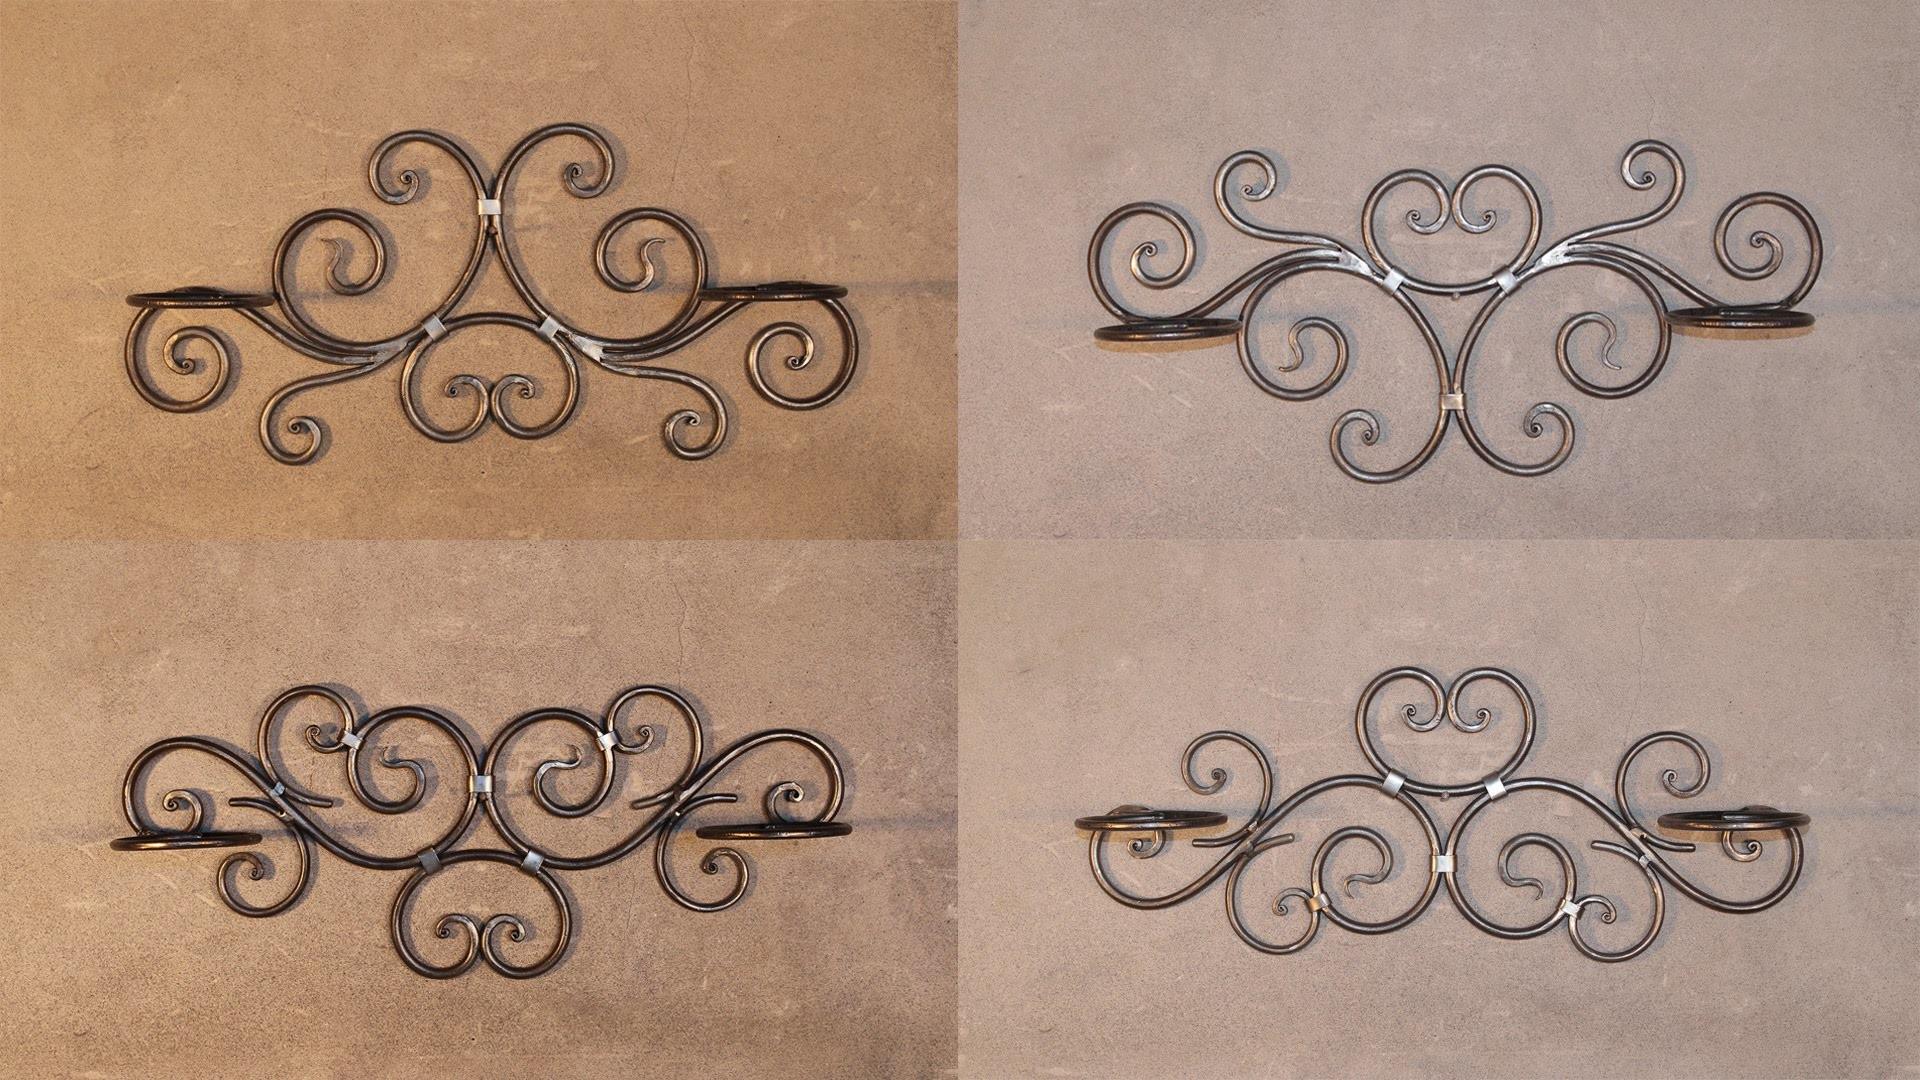 Составные элементы холодной ковки: технология создания красивого кованого художественного орнамента